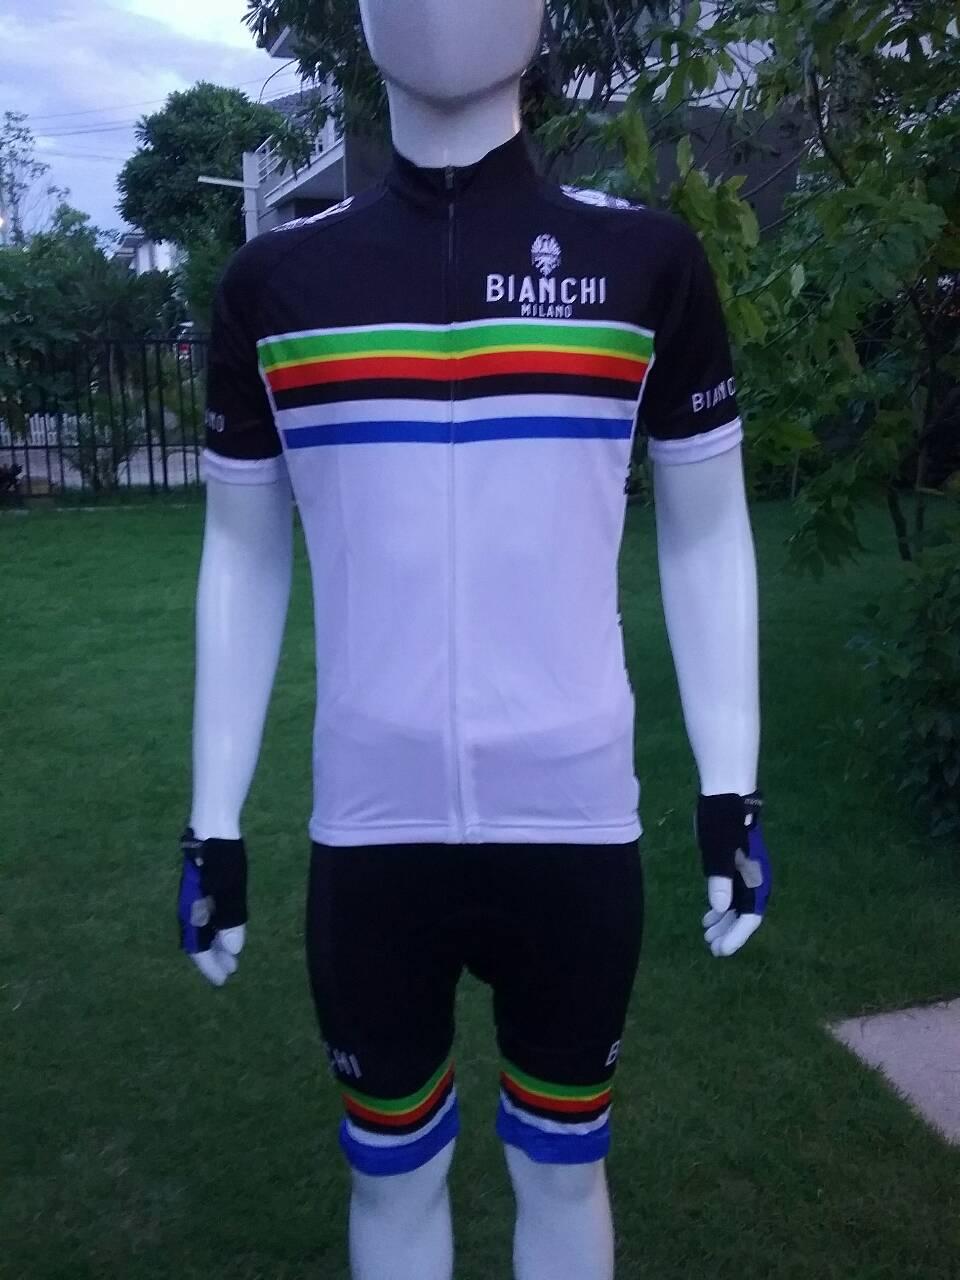 ชุดปั่นจักรยานแขนสั้น BIANCHI สีขาว เป้าเจล (แอดไลน์ @pinpinbike ใส่ @ ข้างหน้าด้วยนะคะ)